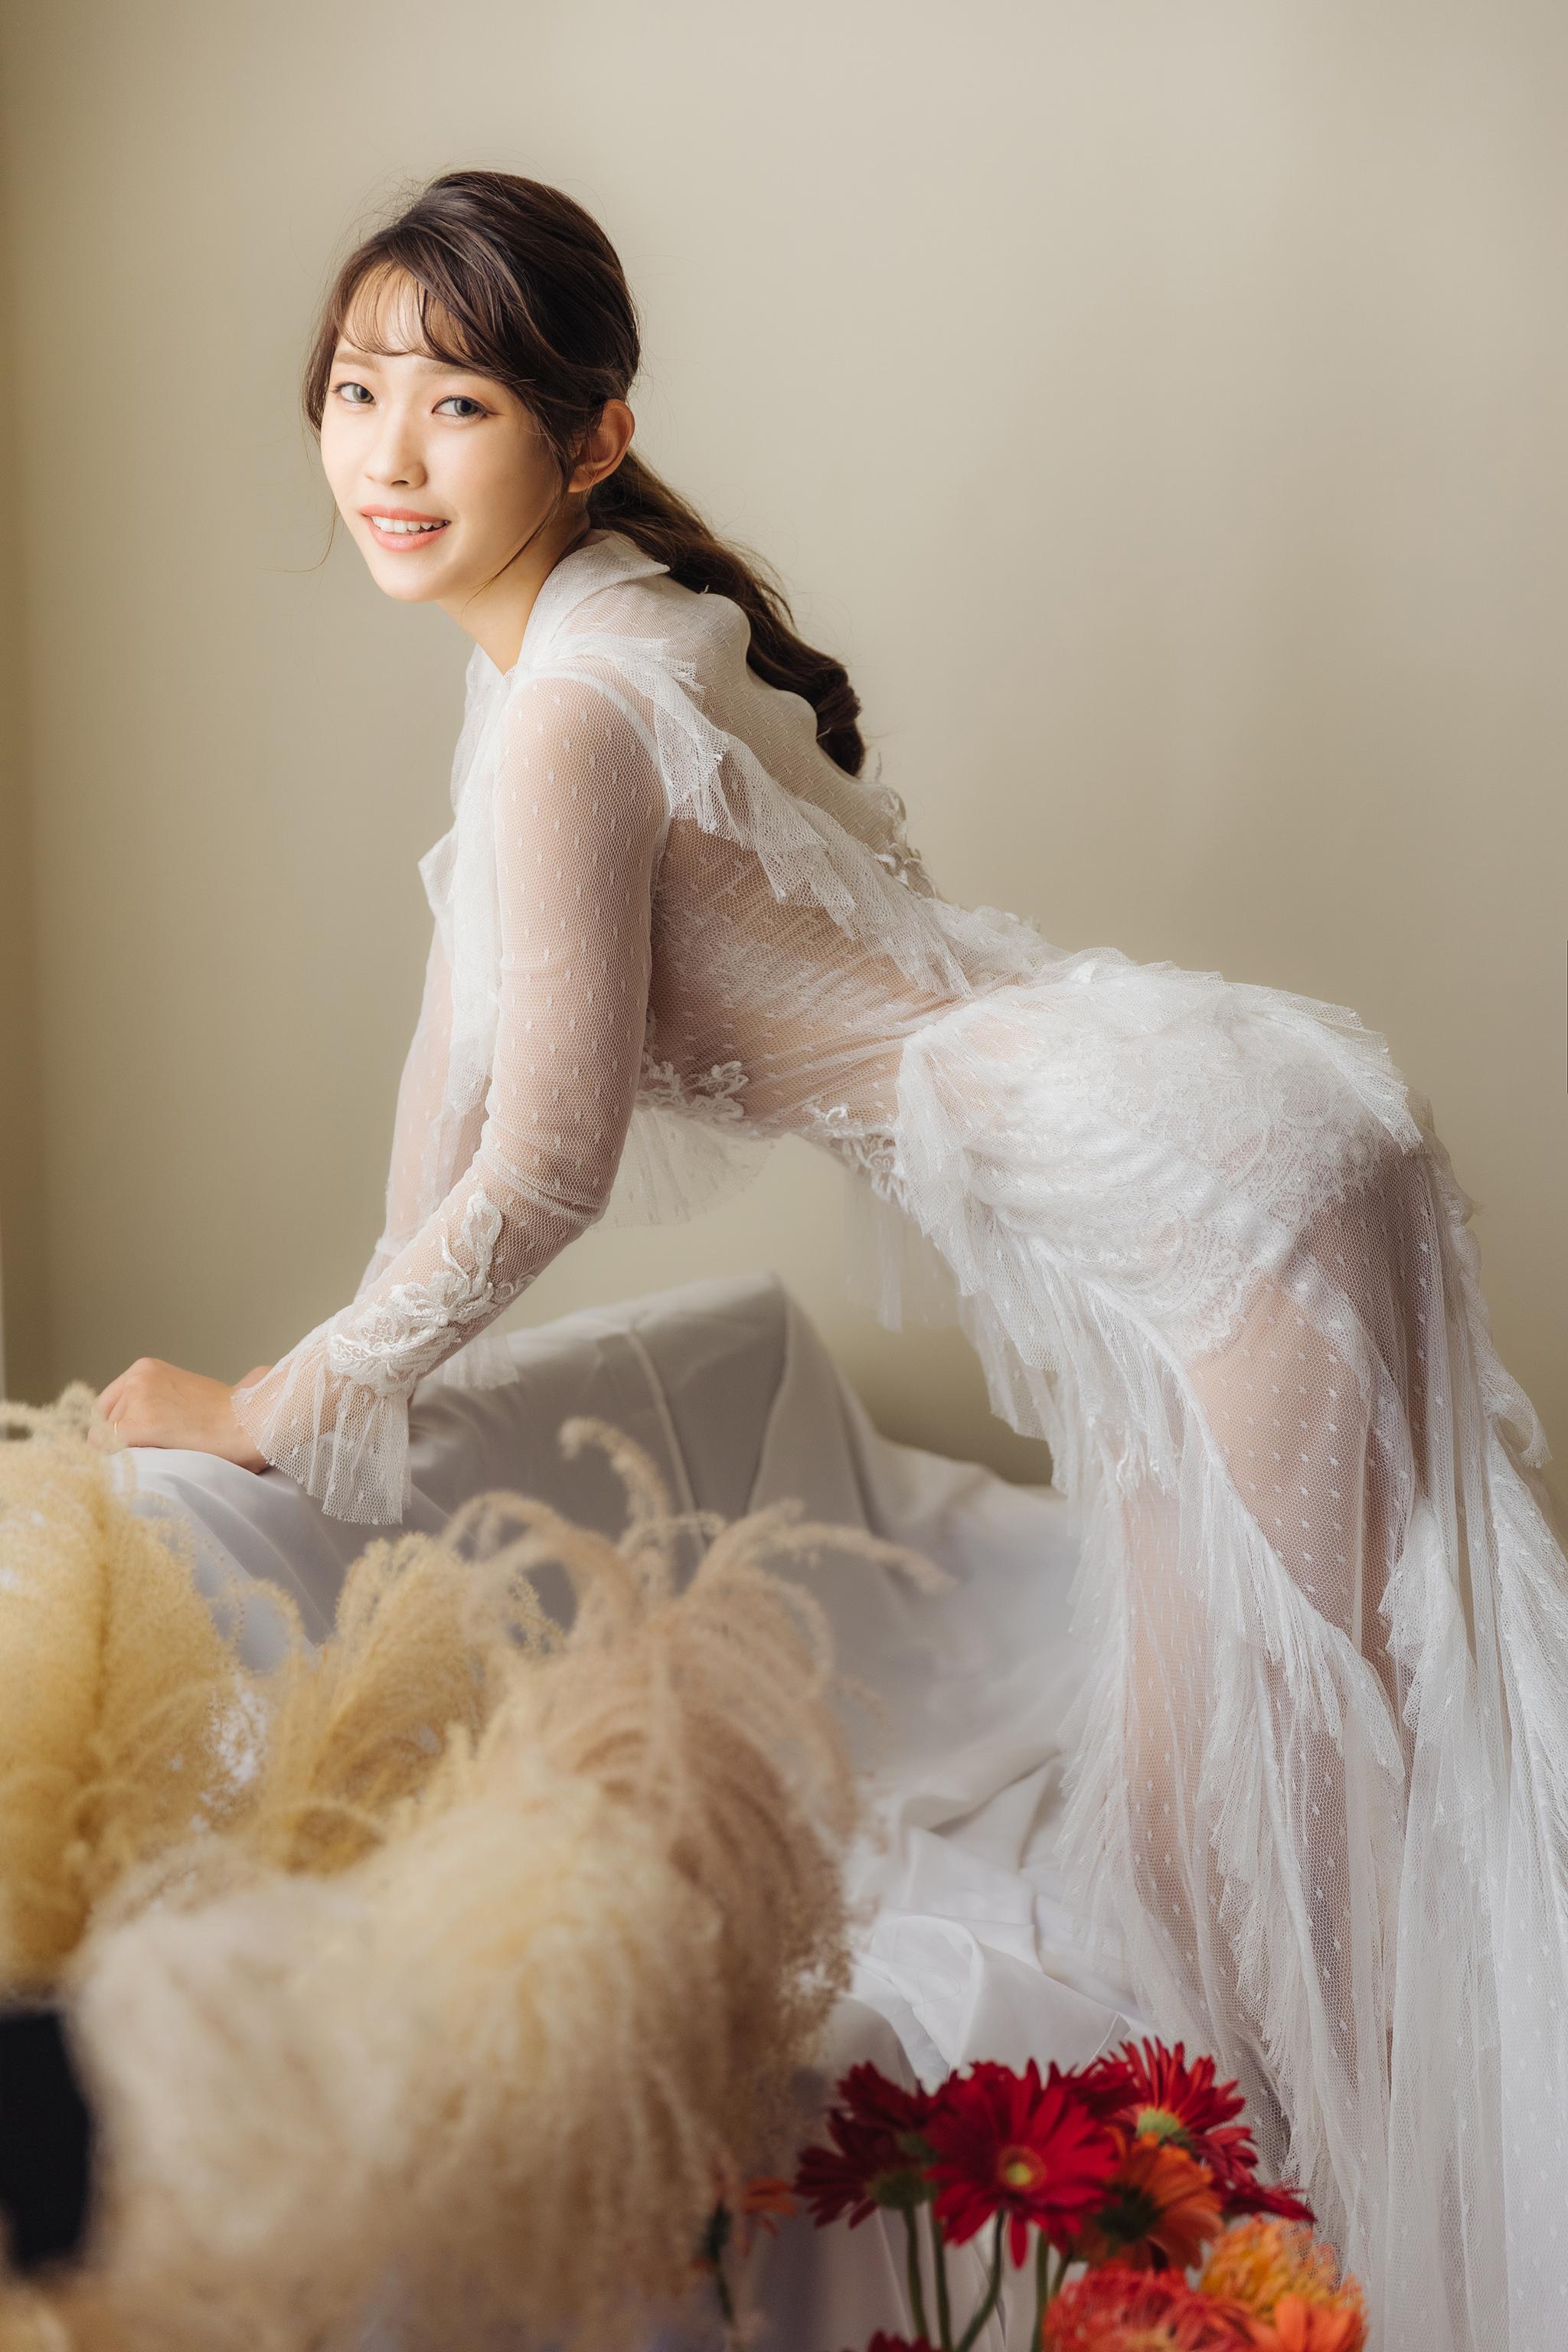 51578371275 38a5ddf0d1 o - 【自主婚紗】+江jiang+